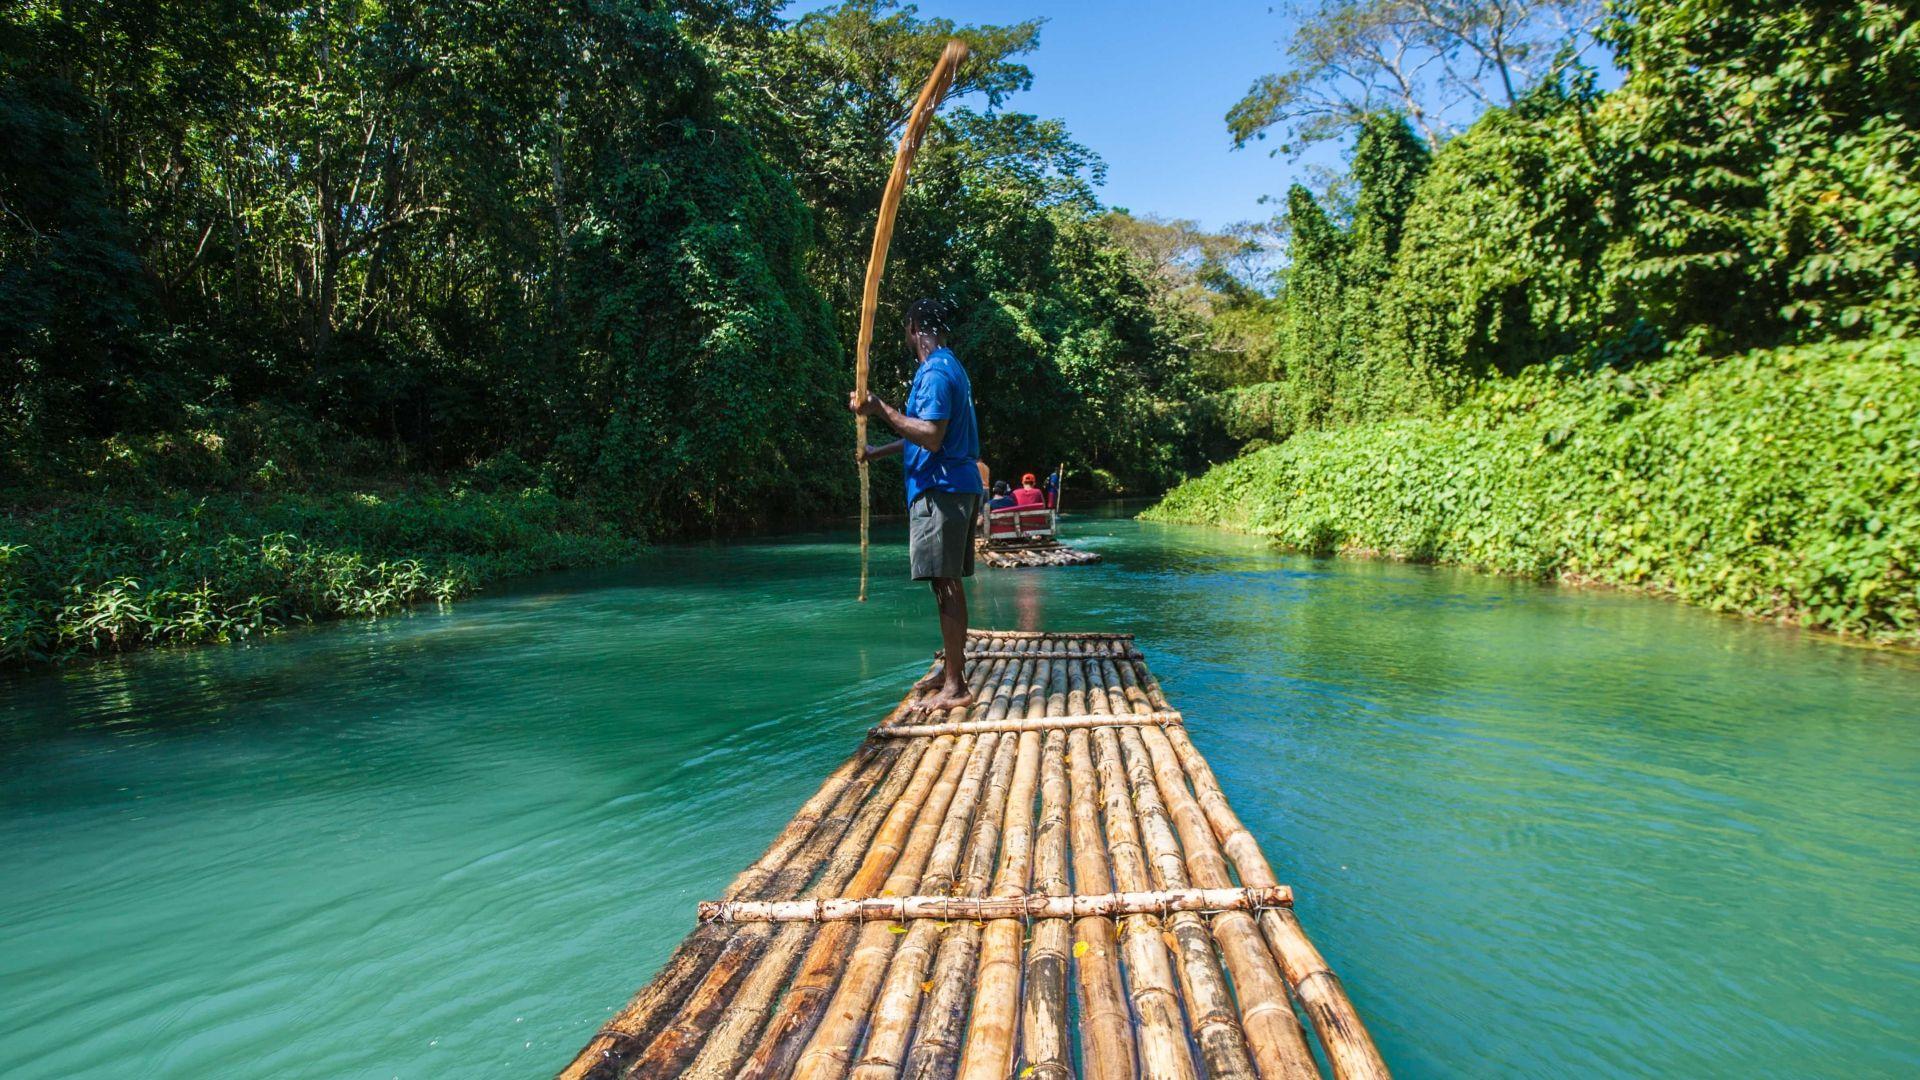 Plaukimas upe bambukiniu plaustu - mėgstama keliautojų pramoga